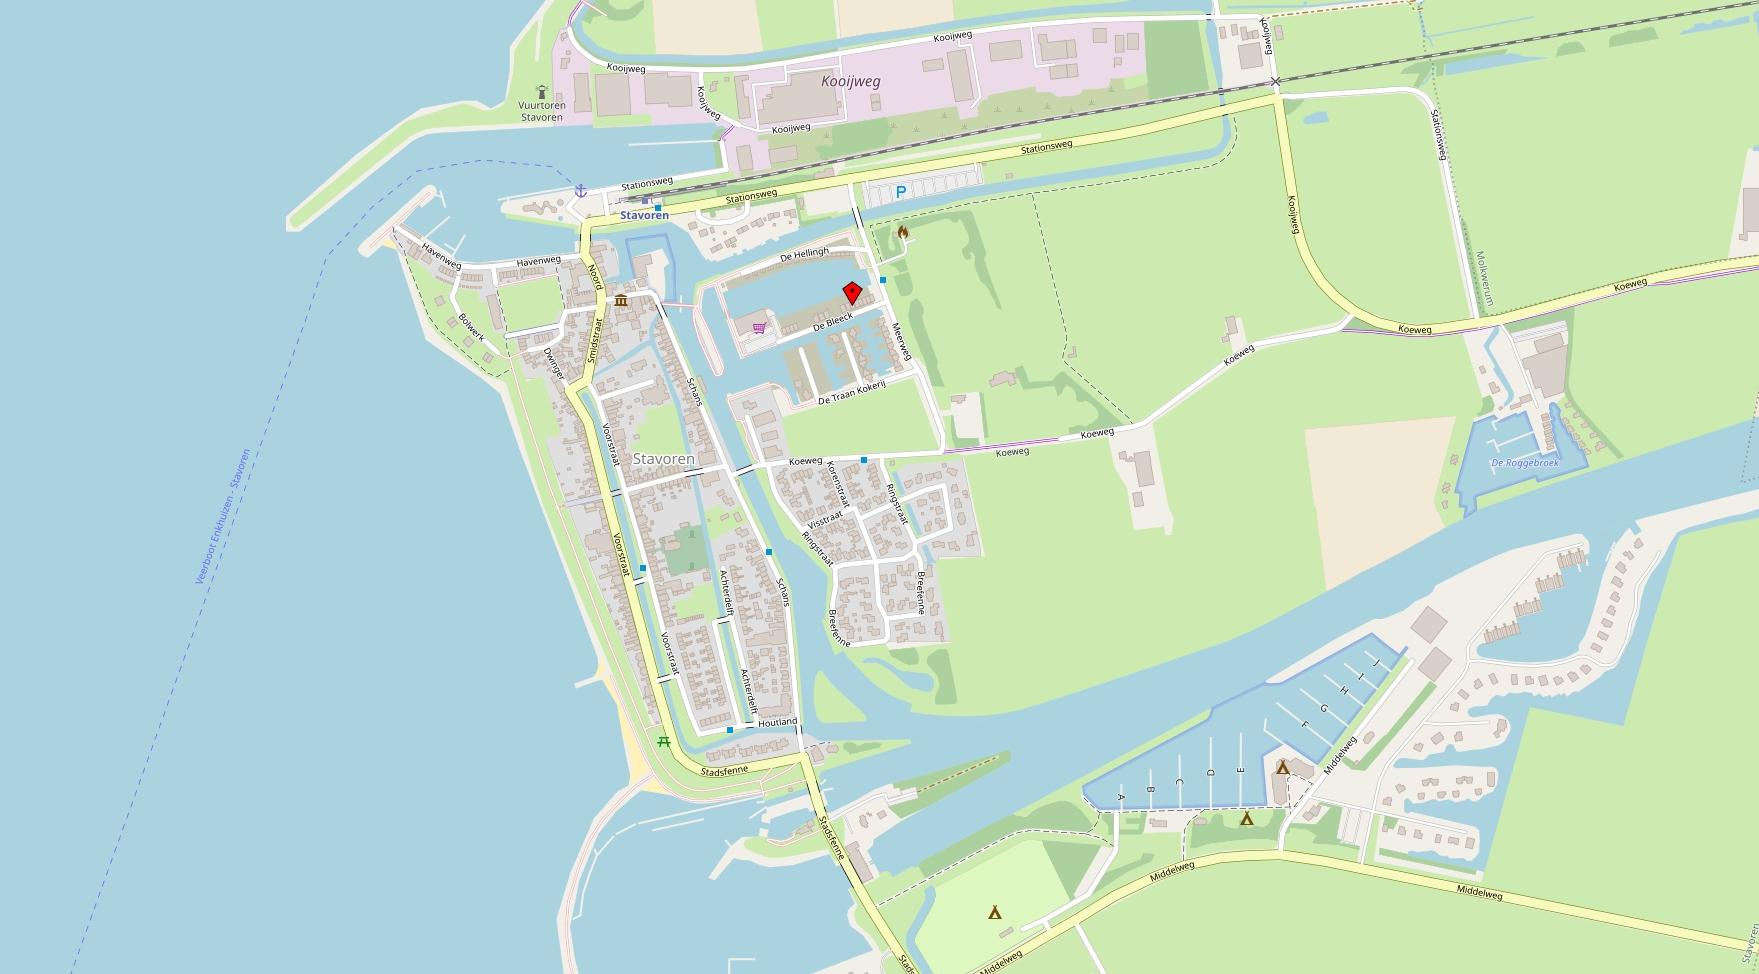 Karte Stavoren (Open Street Map)